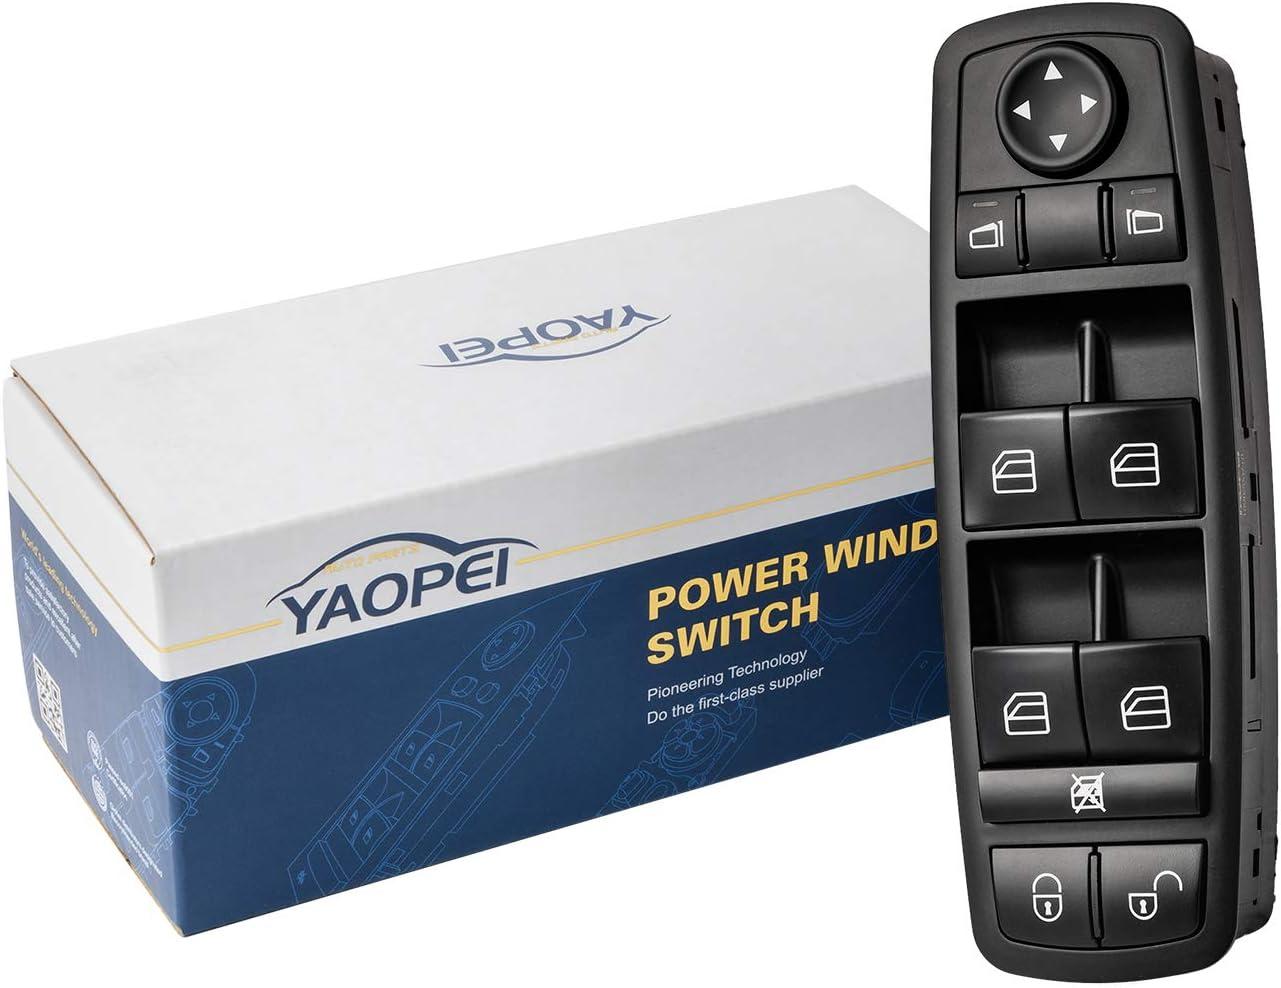 YAOPEI Power Master Window Switch Window Control Switch 1698206610